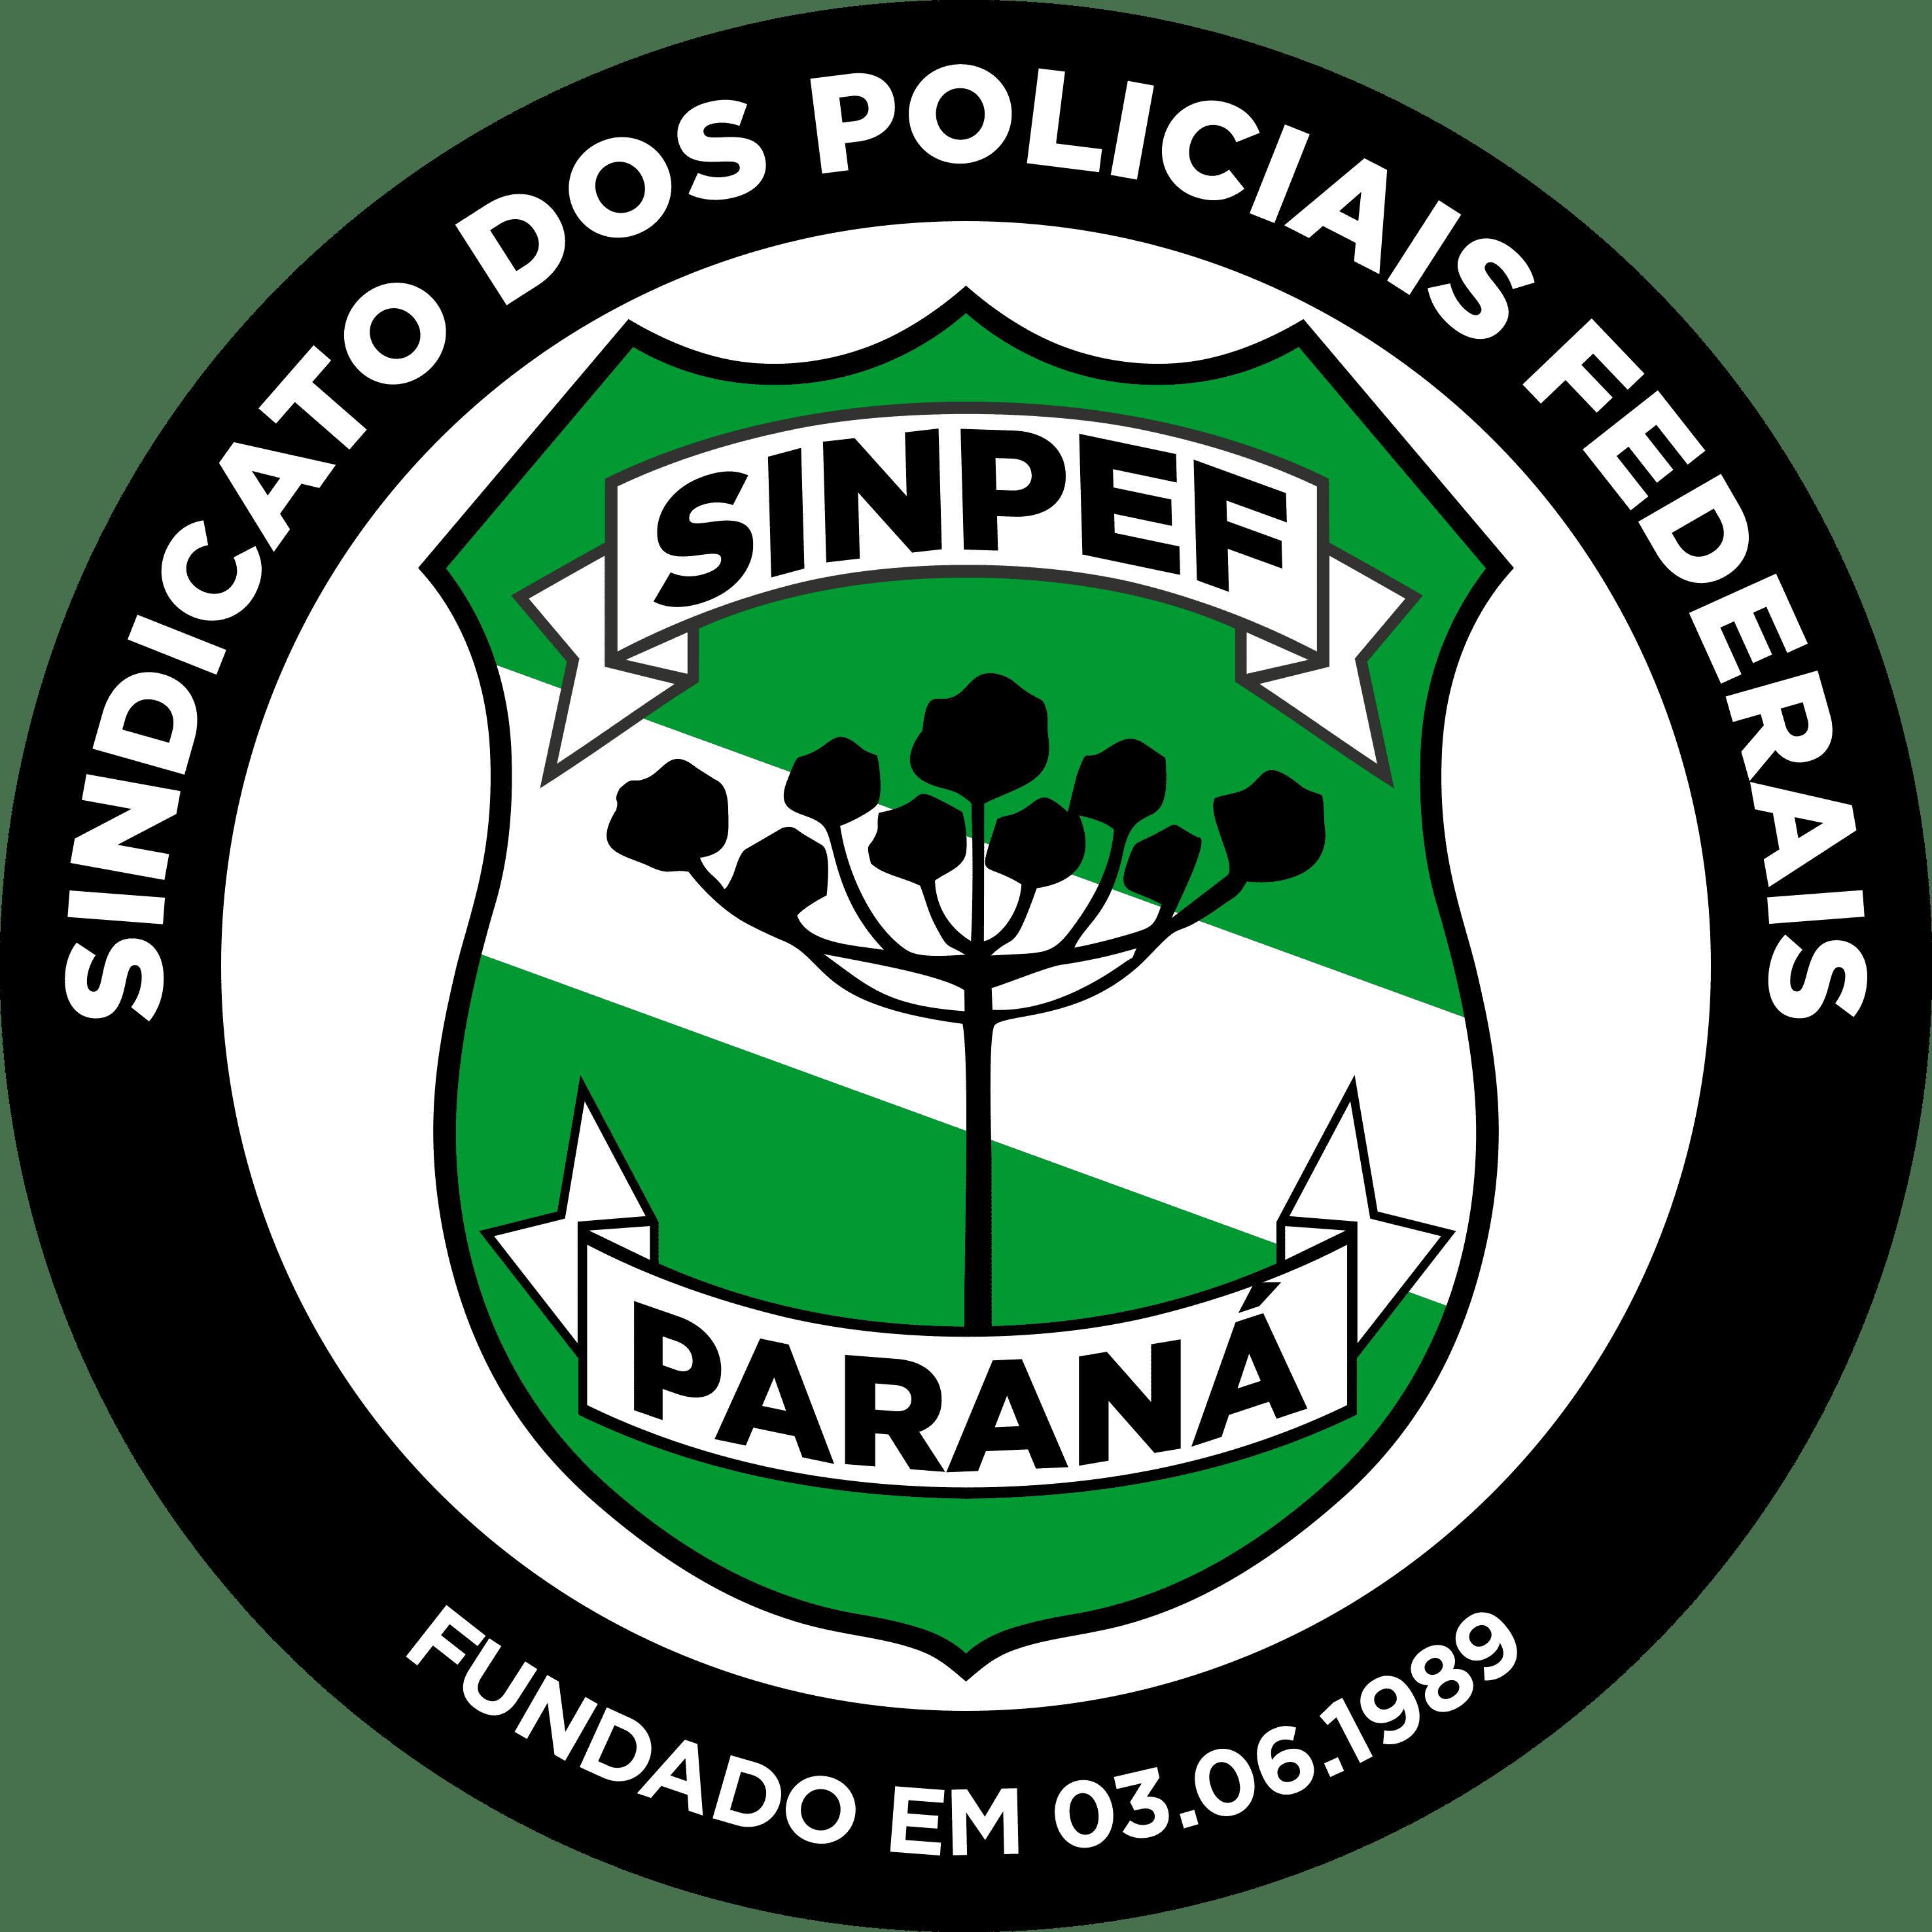 SINPEF PR